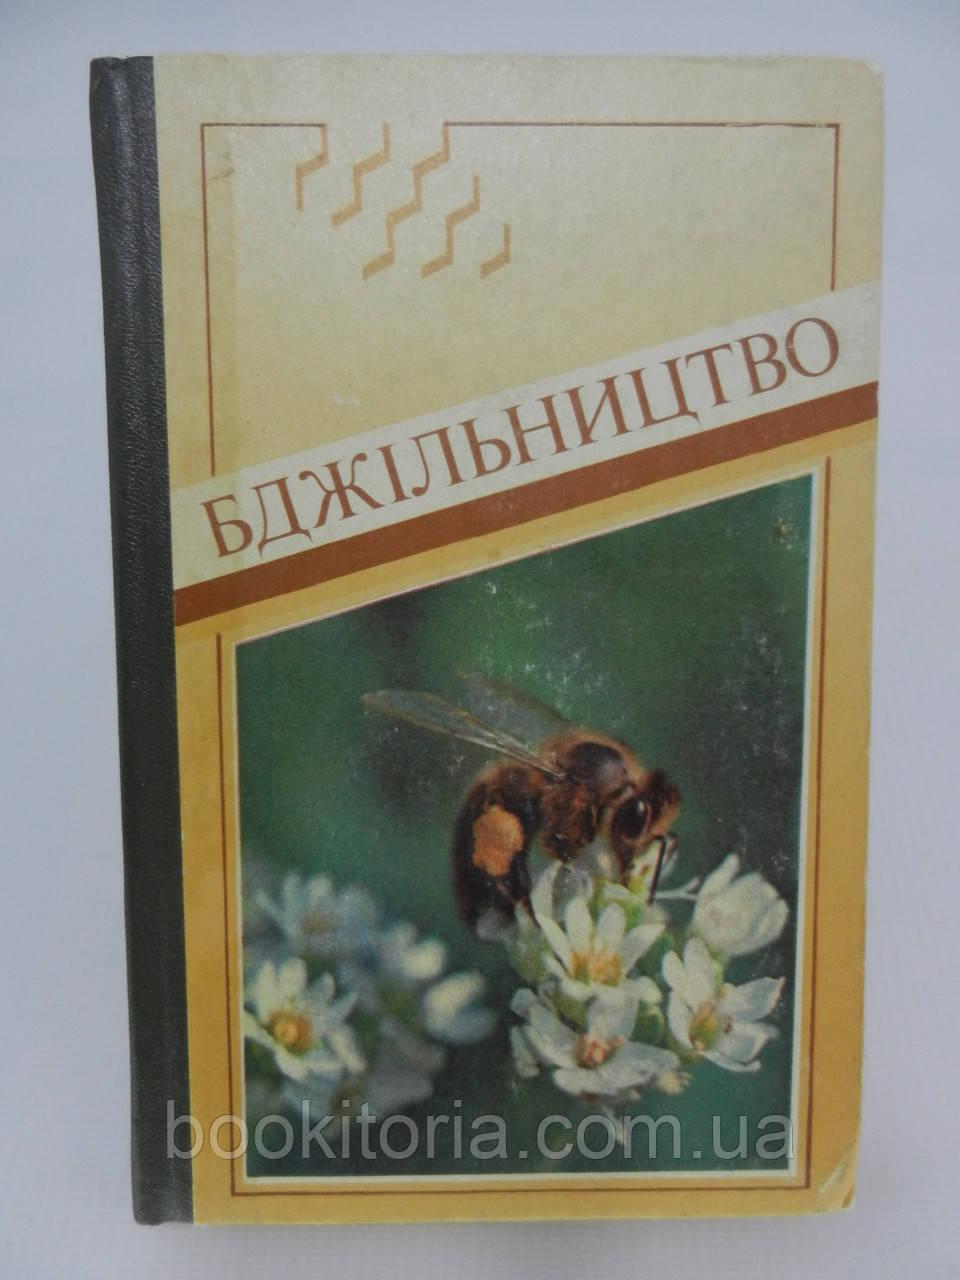 Черкасова А.та ін. Бджільництво (б/у).